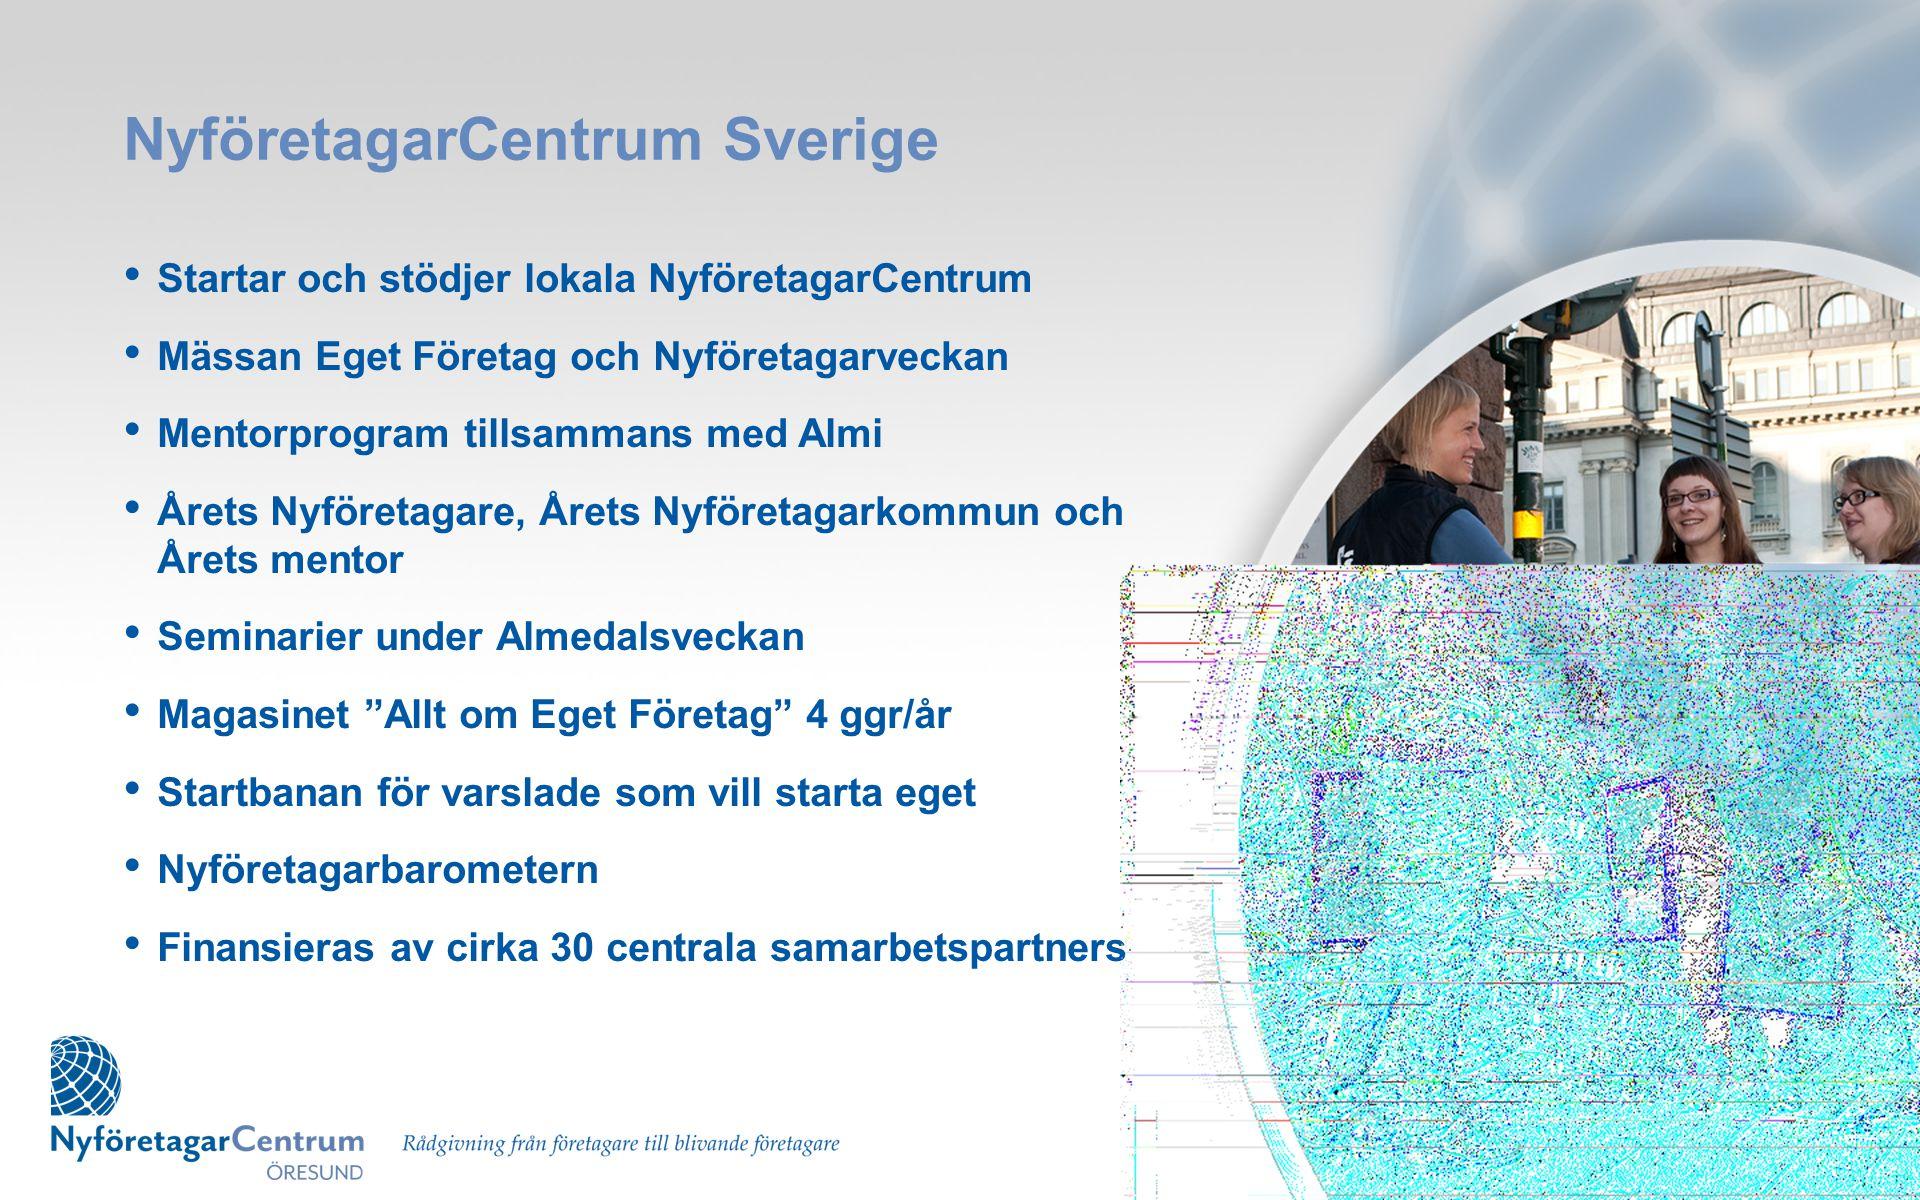 NyföretagarCentrum Sverige • Startar och stödjer lokala NyföretagarCentrum • Mässan Eget Företag och Nyföretagarveckan • Mentorprogram tillsammans med